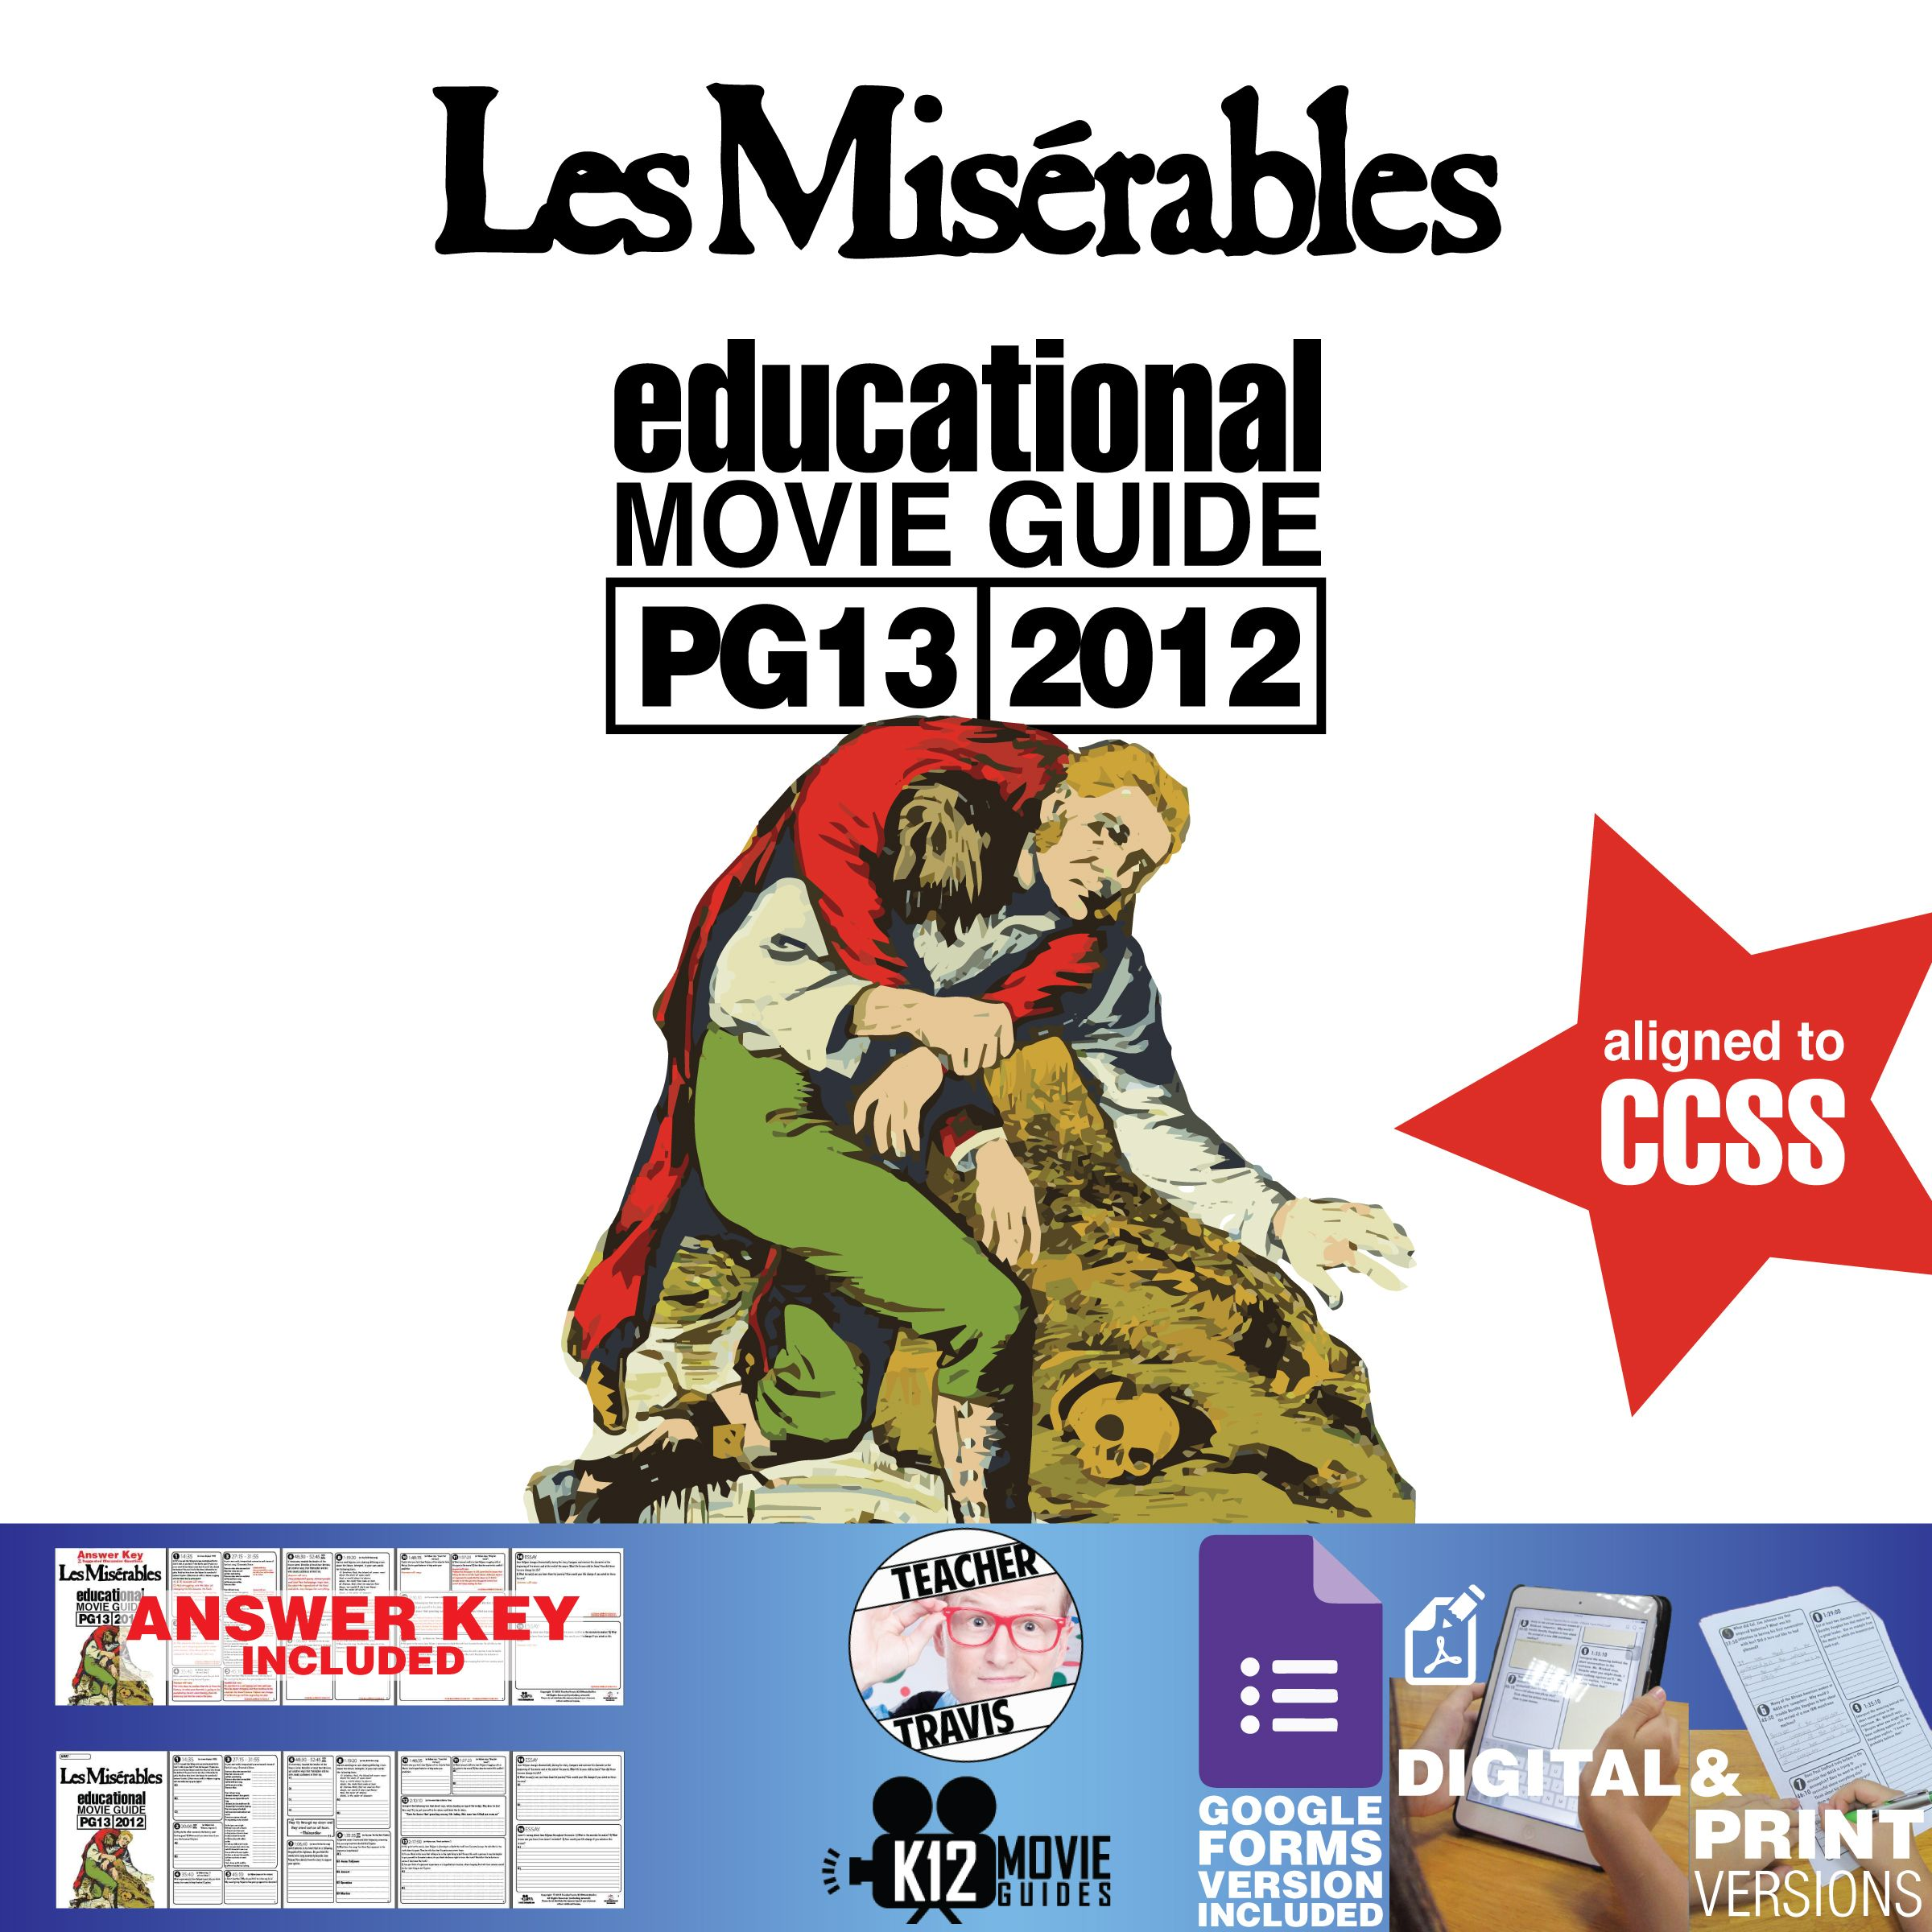 Les Miserables Movie Guide